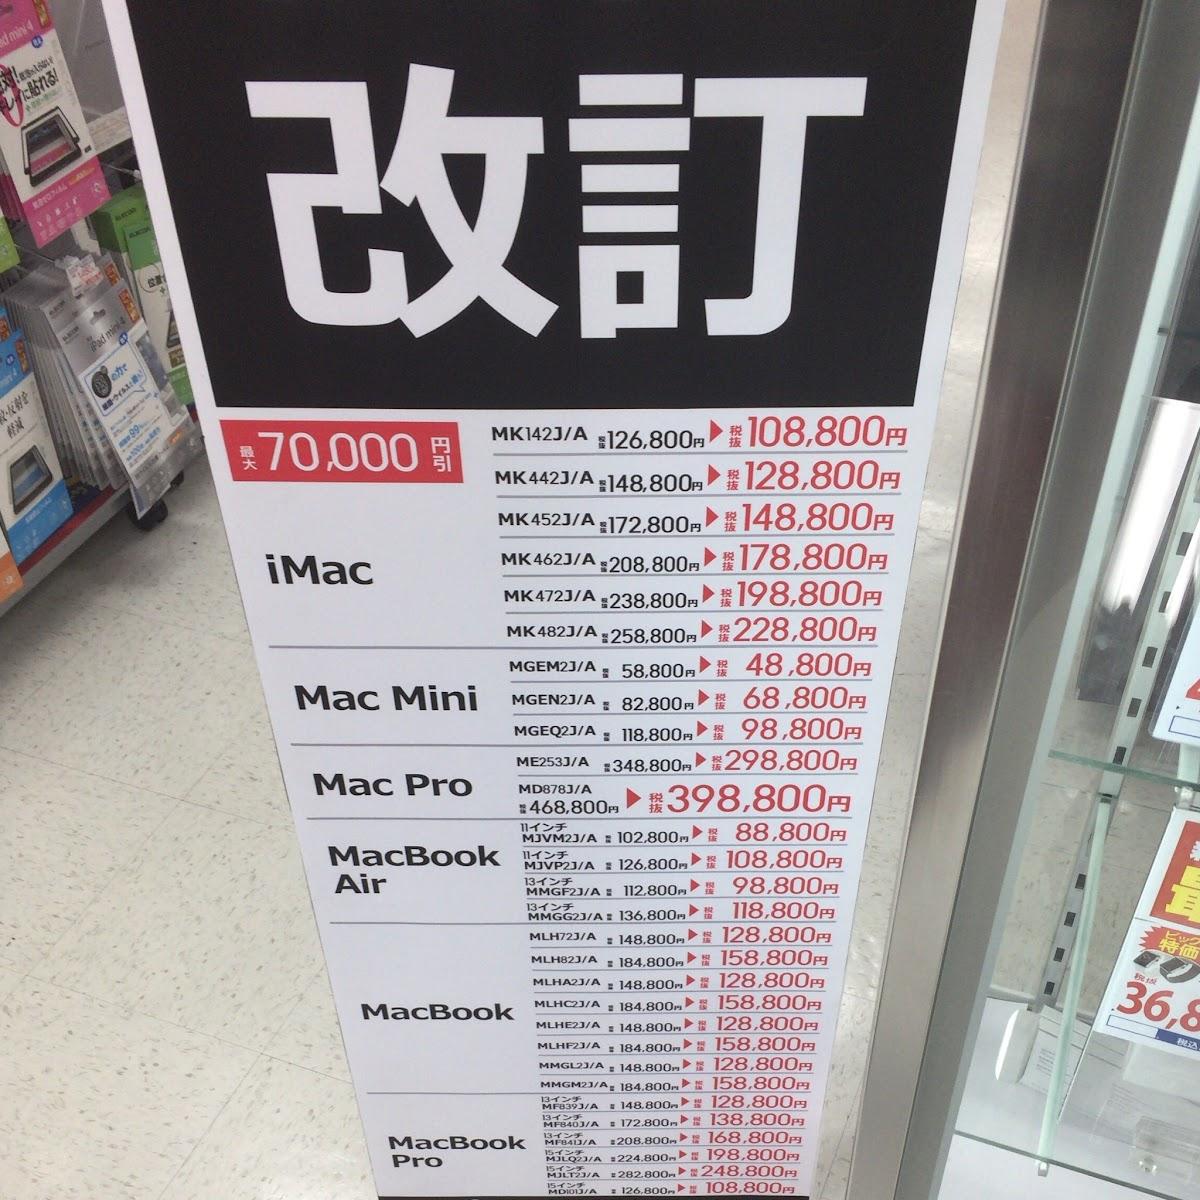 「新型MacBookPro」登場で既存製品が値下げ MacBookPro と MacBook どちらを買うべきか | Mac買い替え